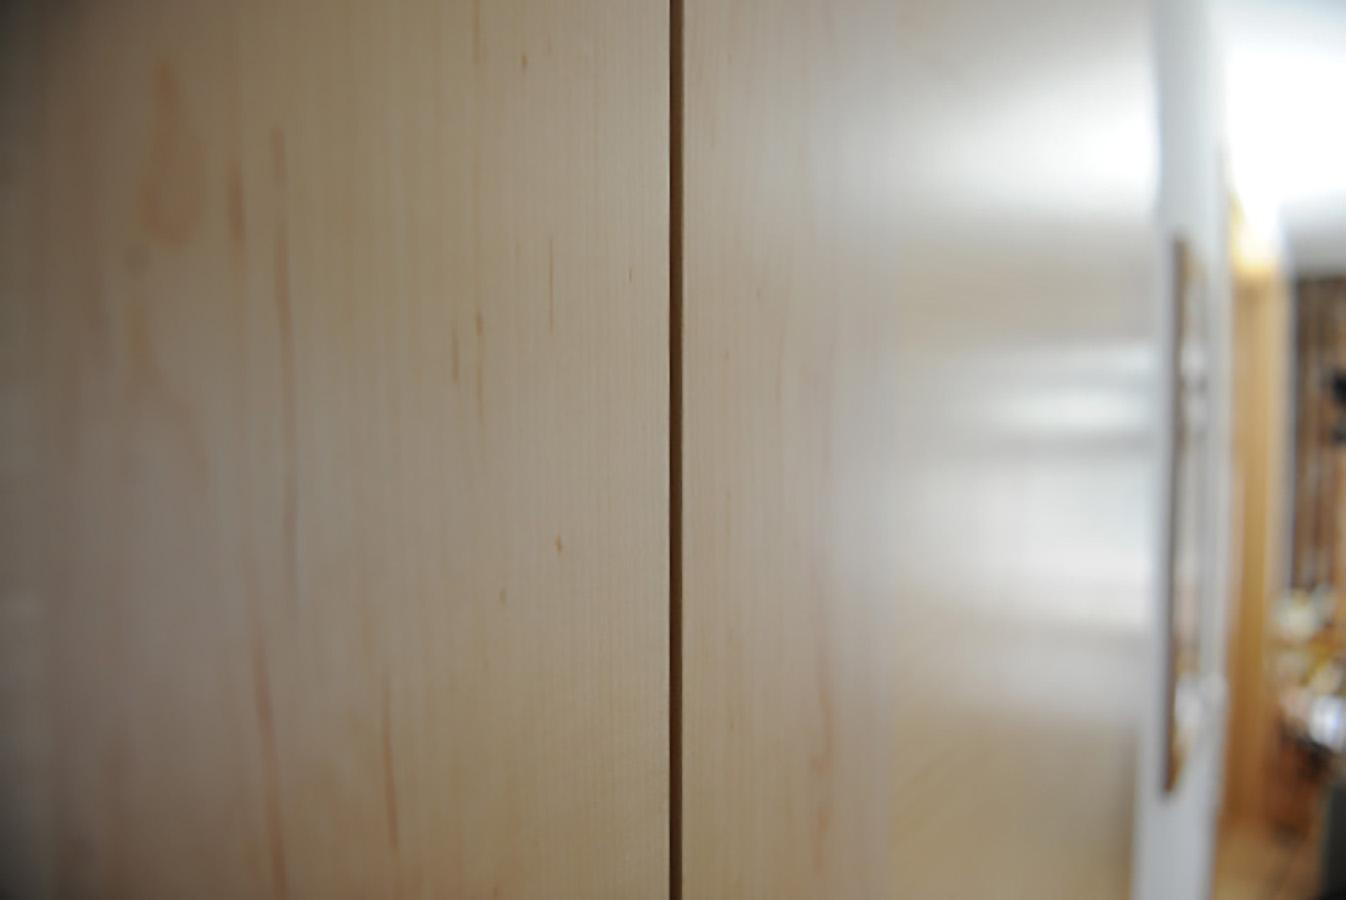 Tischlerei Paderborn tischlerei rüsing zimmertüren i dreh und schiebetüren